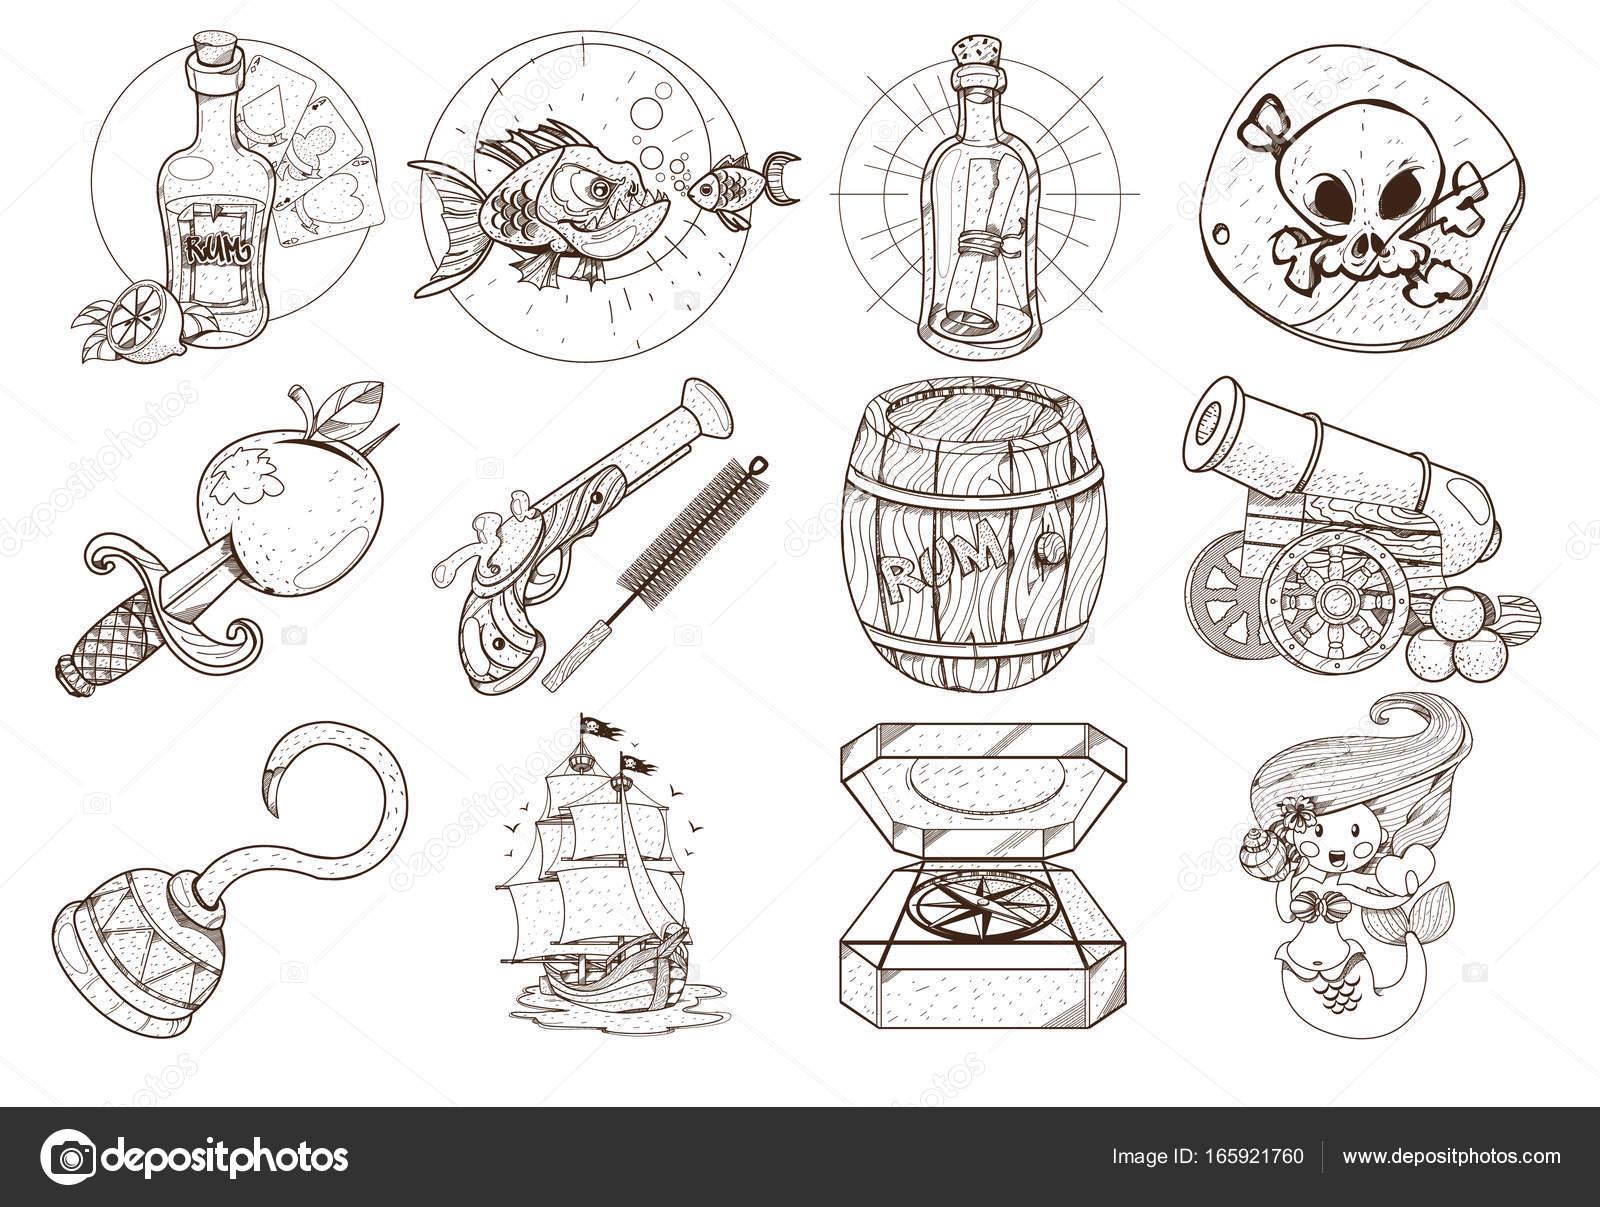 Vettore Dei Pirati Da Stampare Disegni Da Colorare Sul Tema Dei